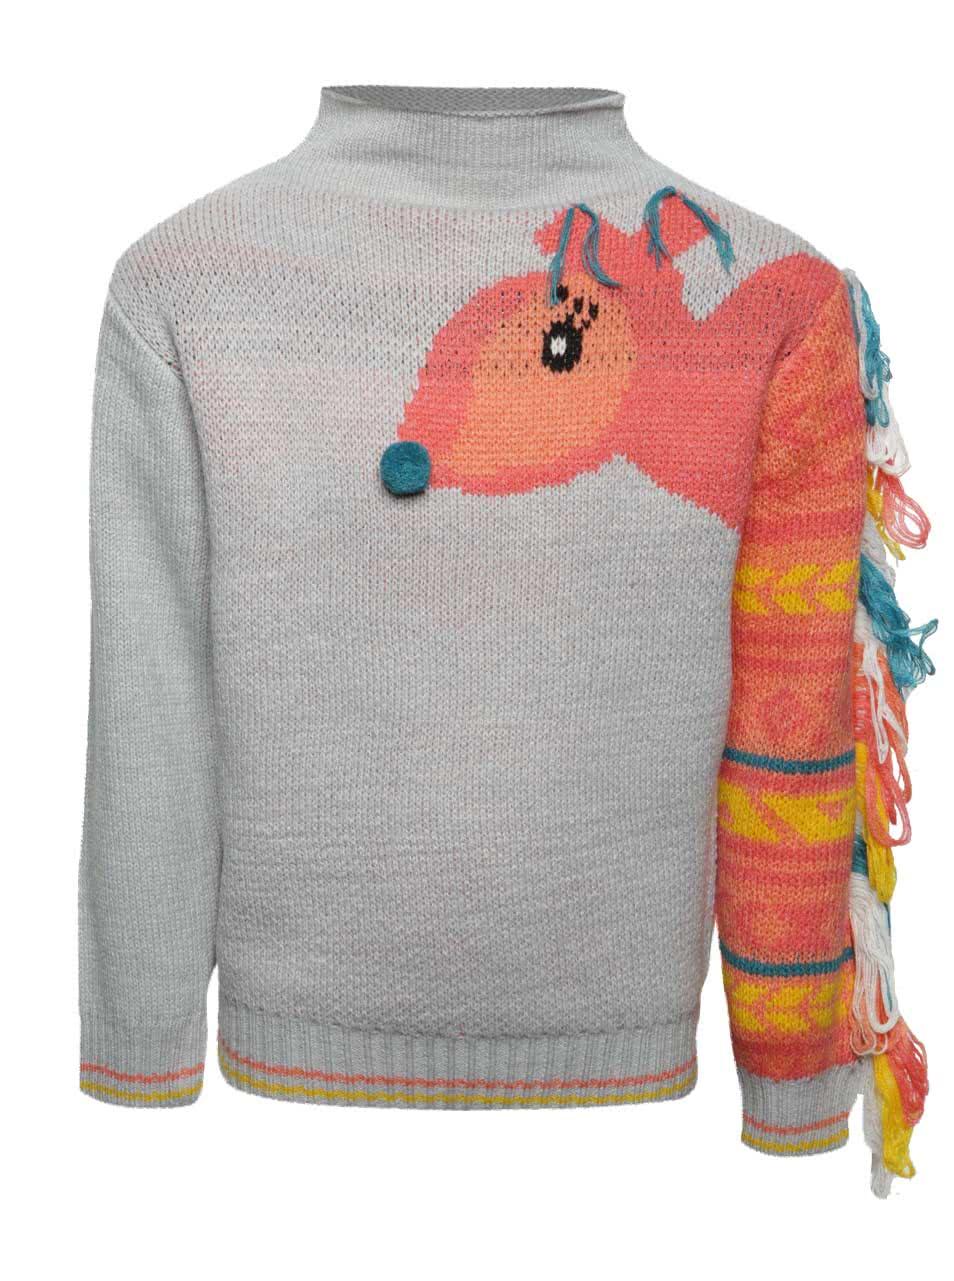 Pulover gri deschis 5.10.15. cu print cu veveriță pentru fete